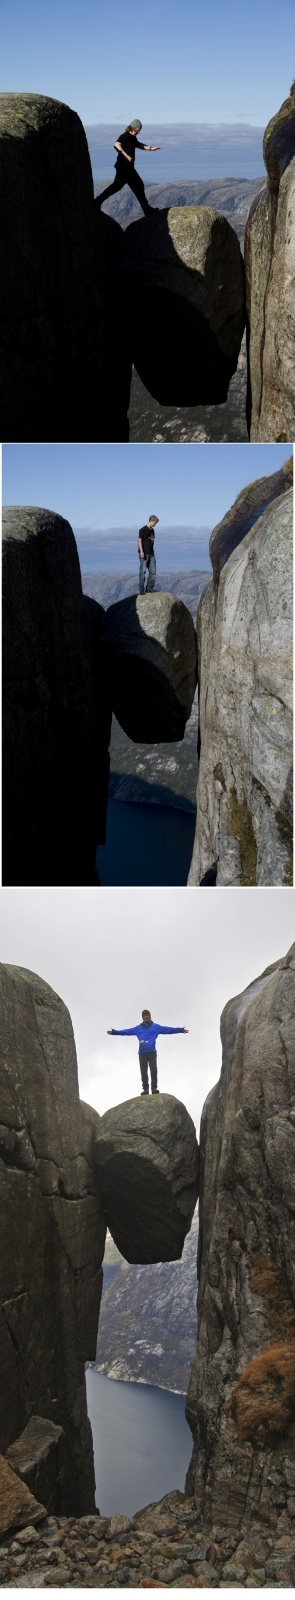 Yükseklik korkusu olanlar bakmasın! galerisi resim 13